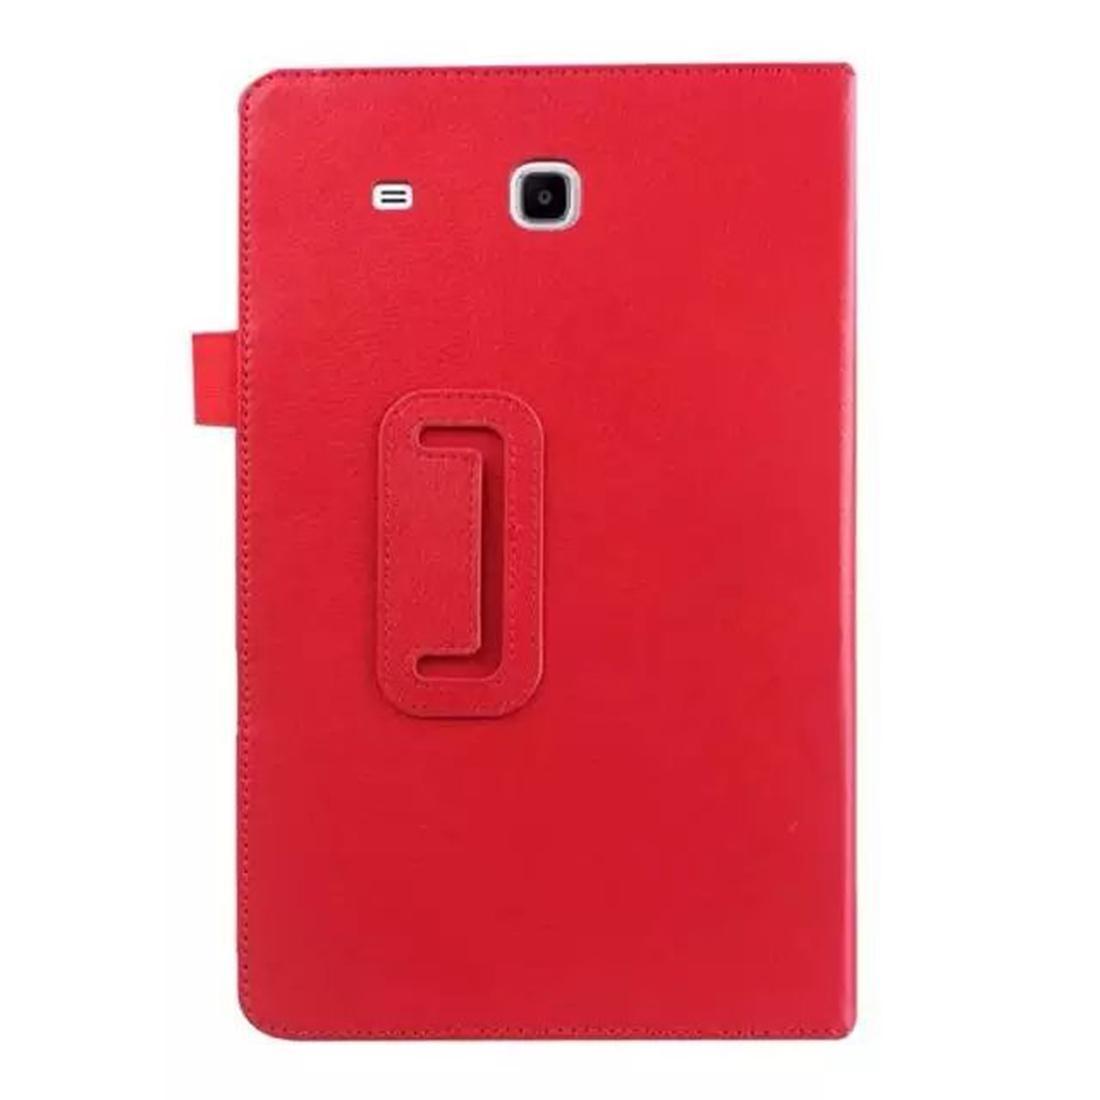 Custodia in pelle PU business Samsung Galaxy Tab E 8.0 T377 T377V Custodia tablet SM-T377 T377P + Pellicola protettiva schermo